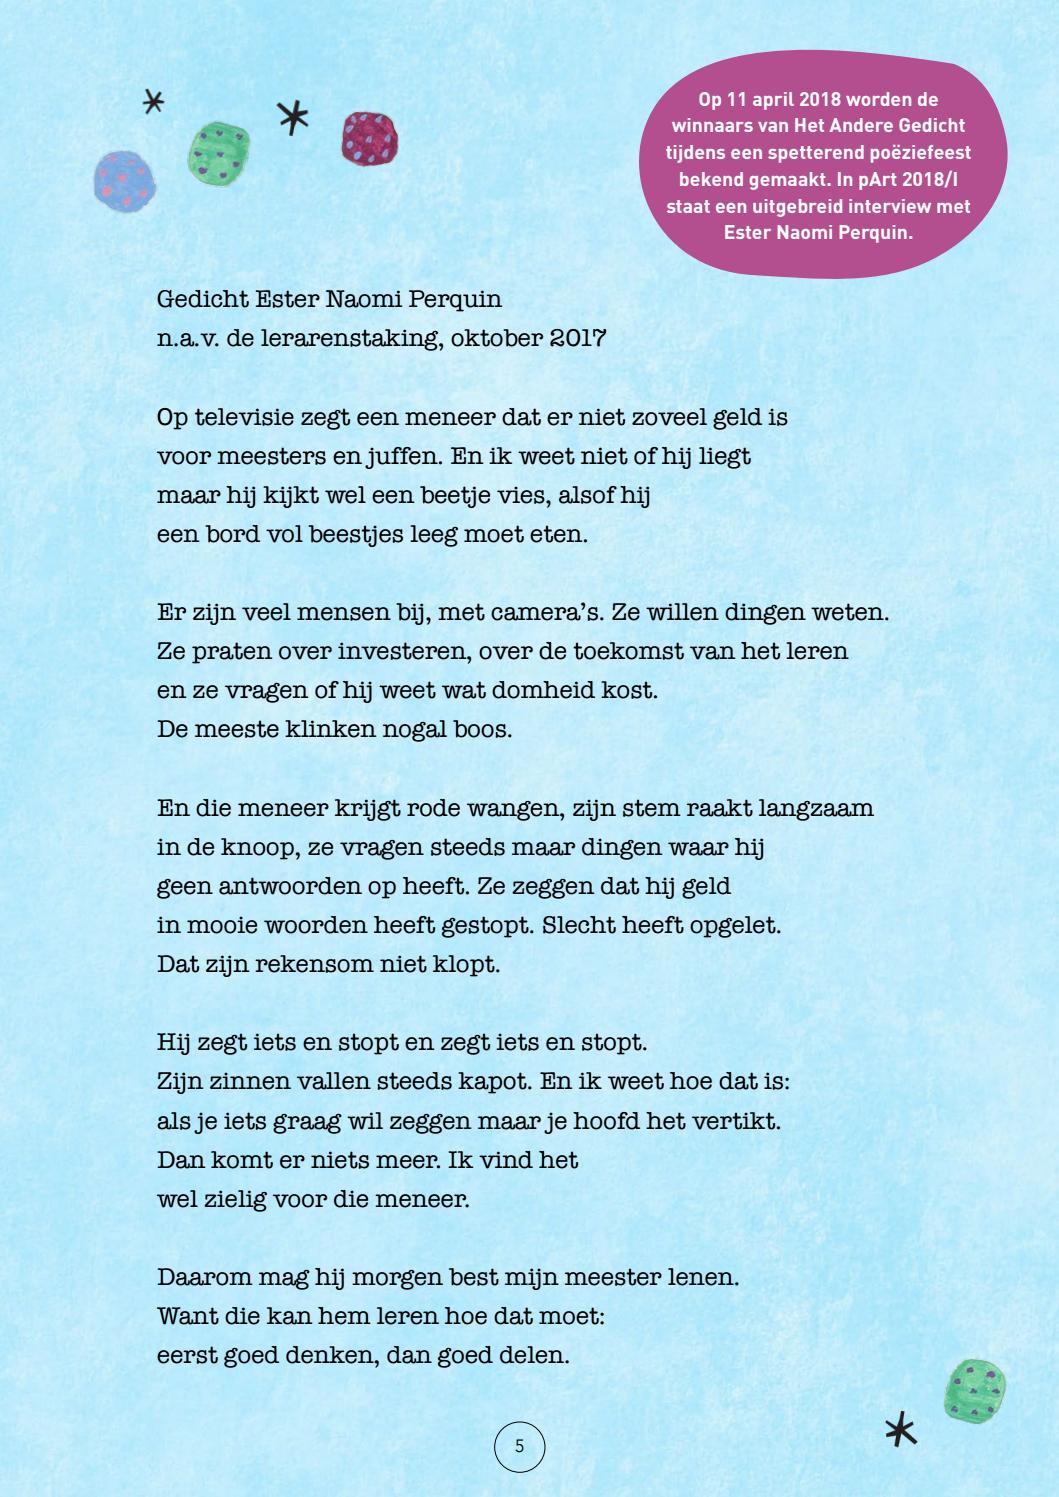 Nieuw Het Andere Gedicht Groeimagazine editie januari 2018 by ONO-ONO SR-91